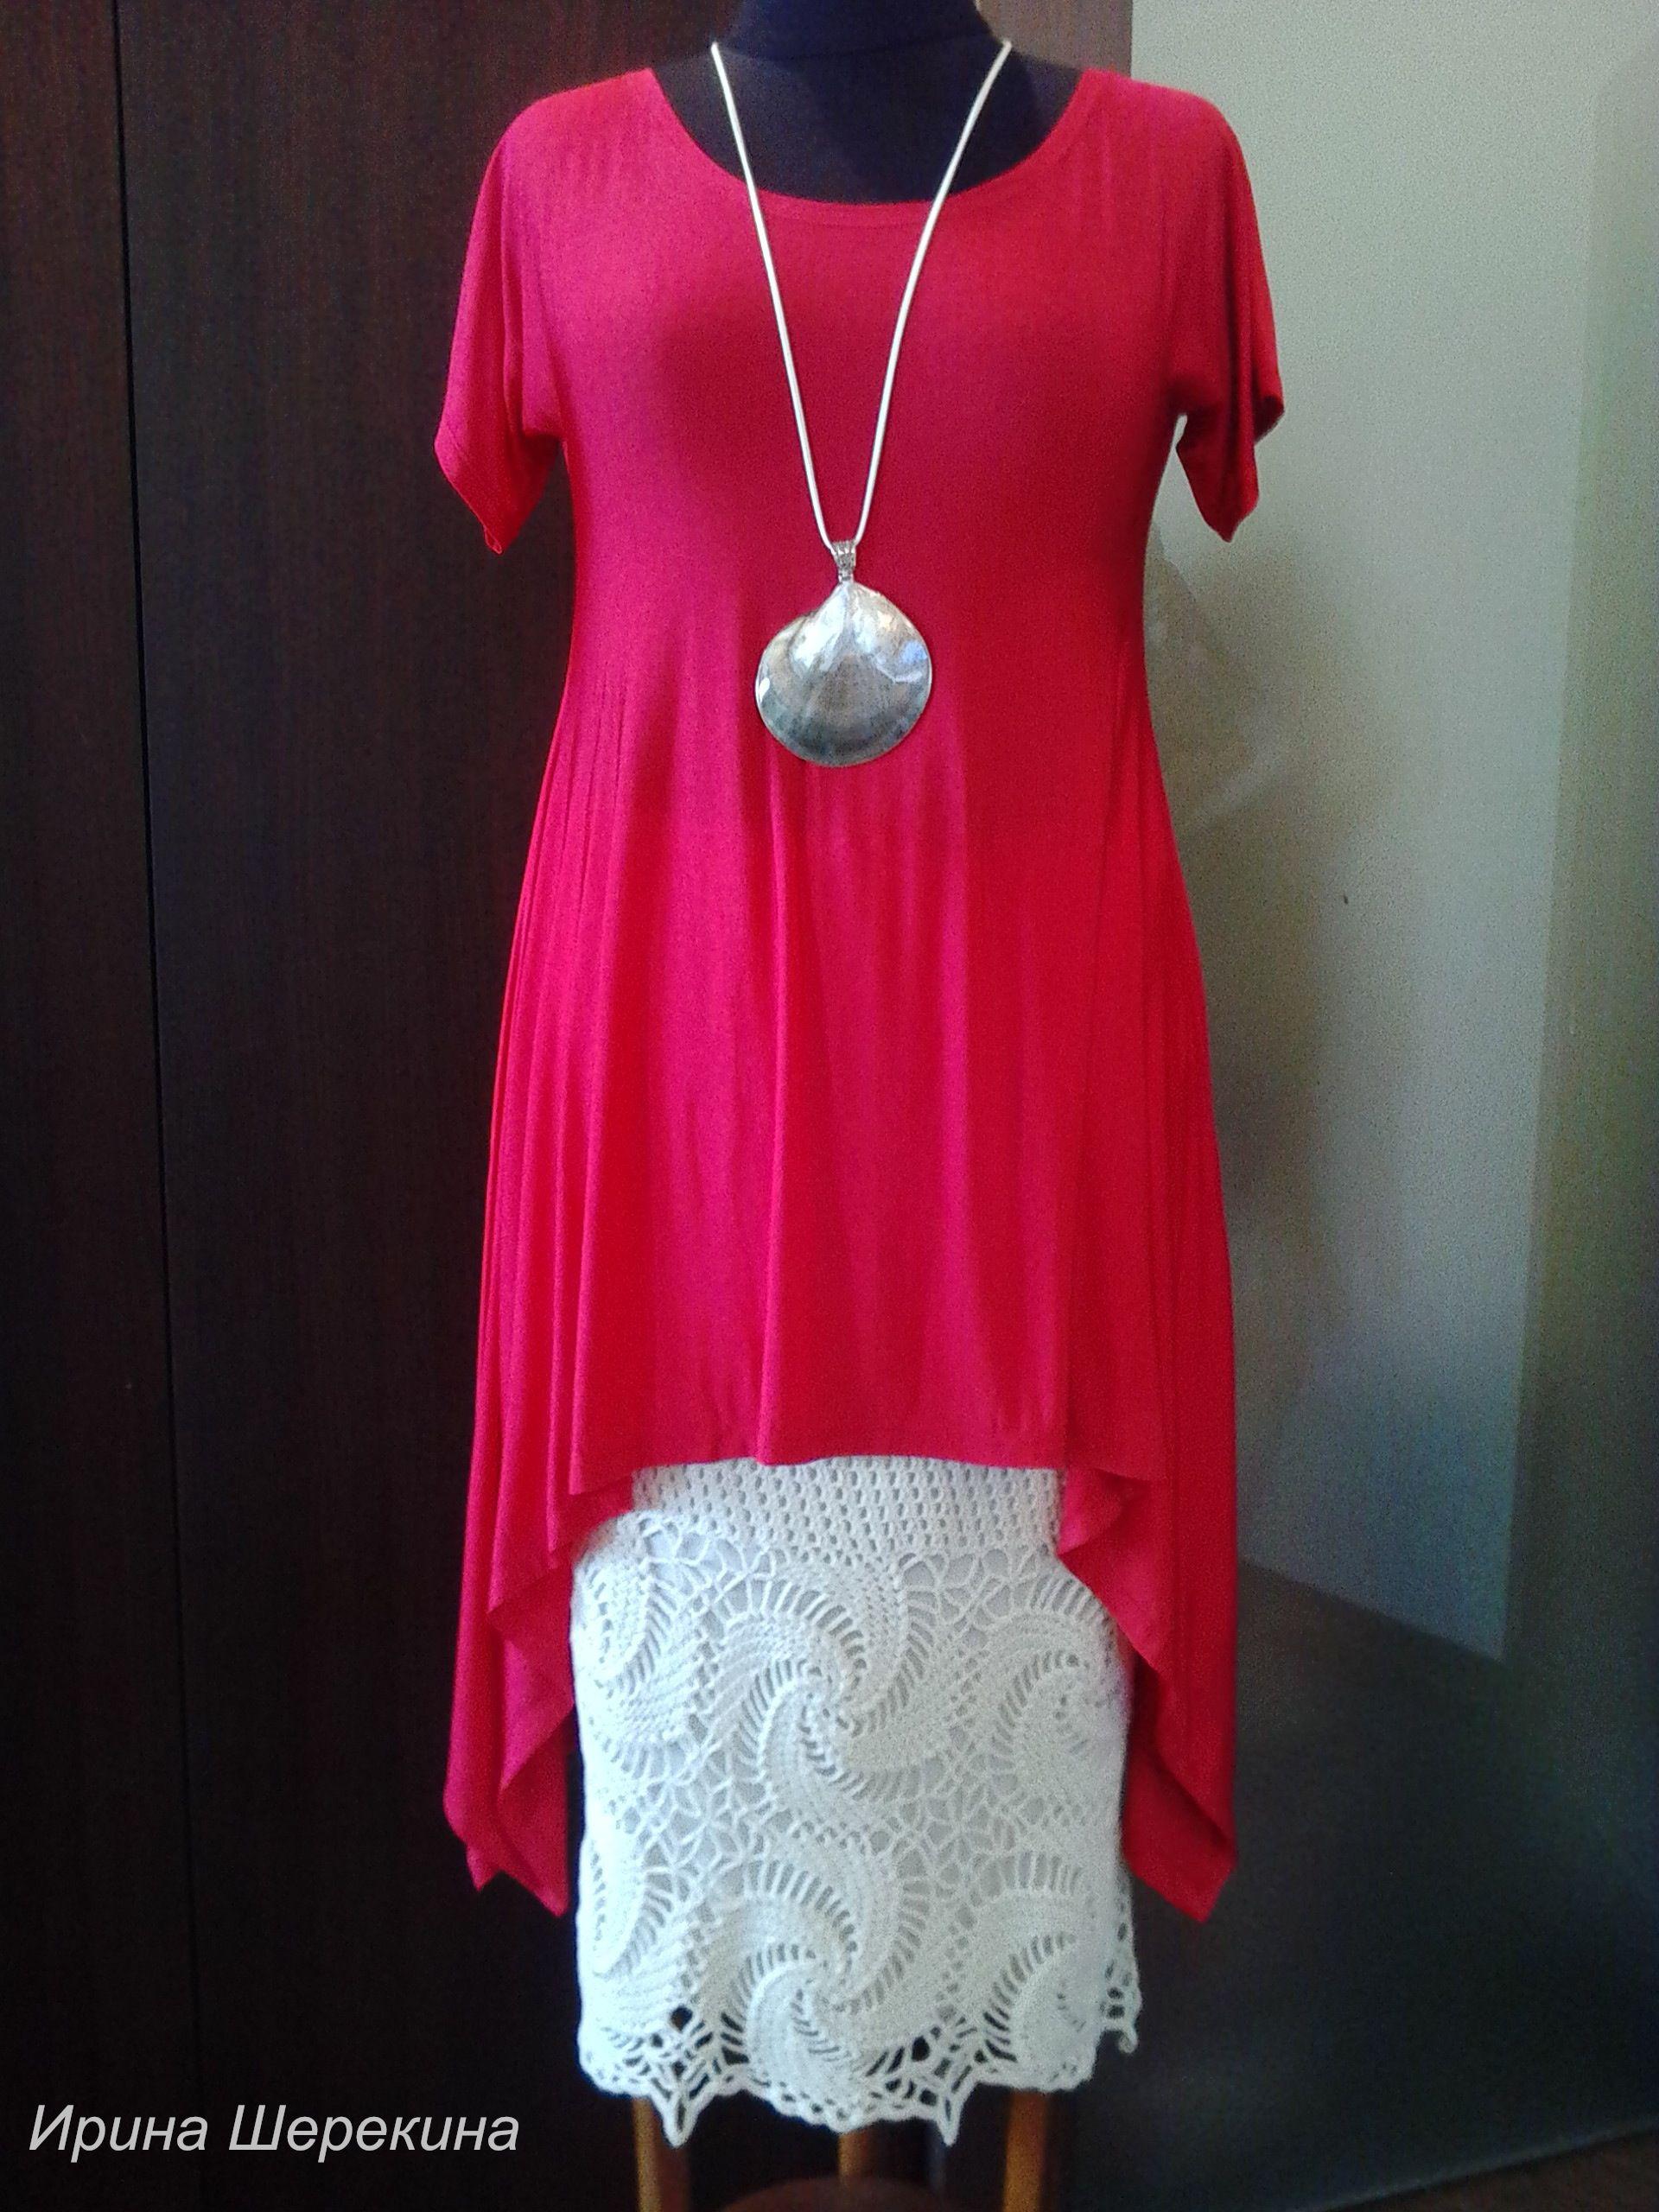 кружево вязание кофта оригинальная одежда юбка эксклюзивная кардиган винтаж